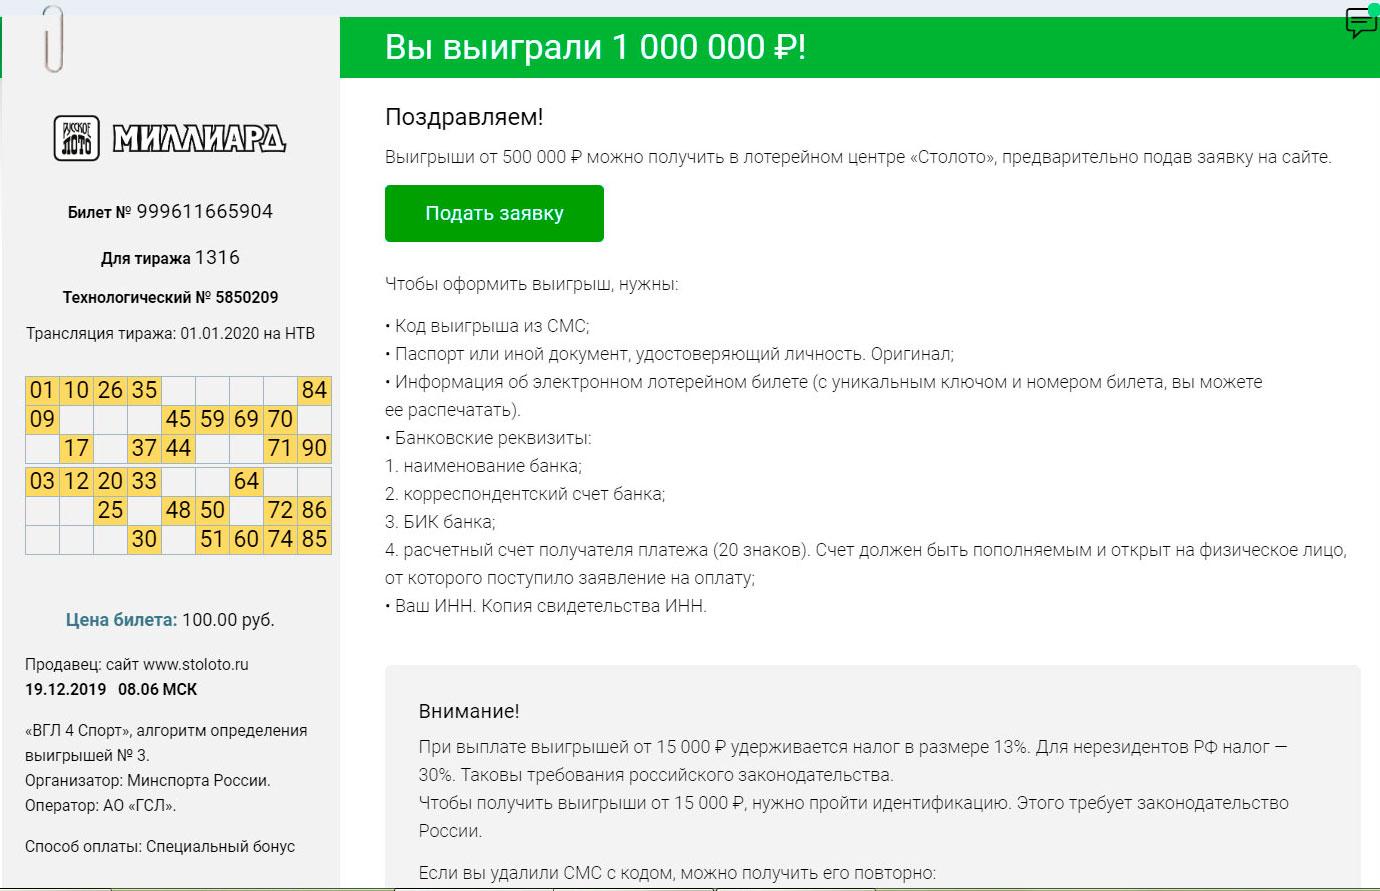 Выигрыш в Русское лото миллион рублей